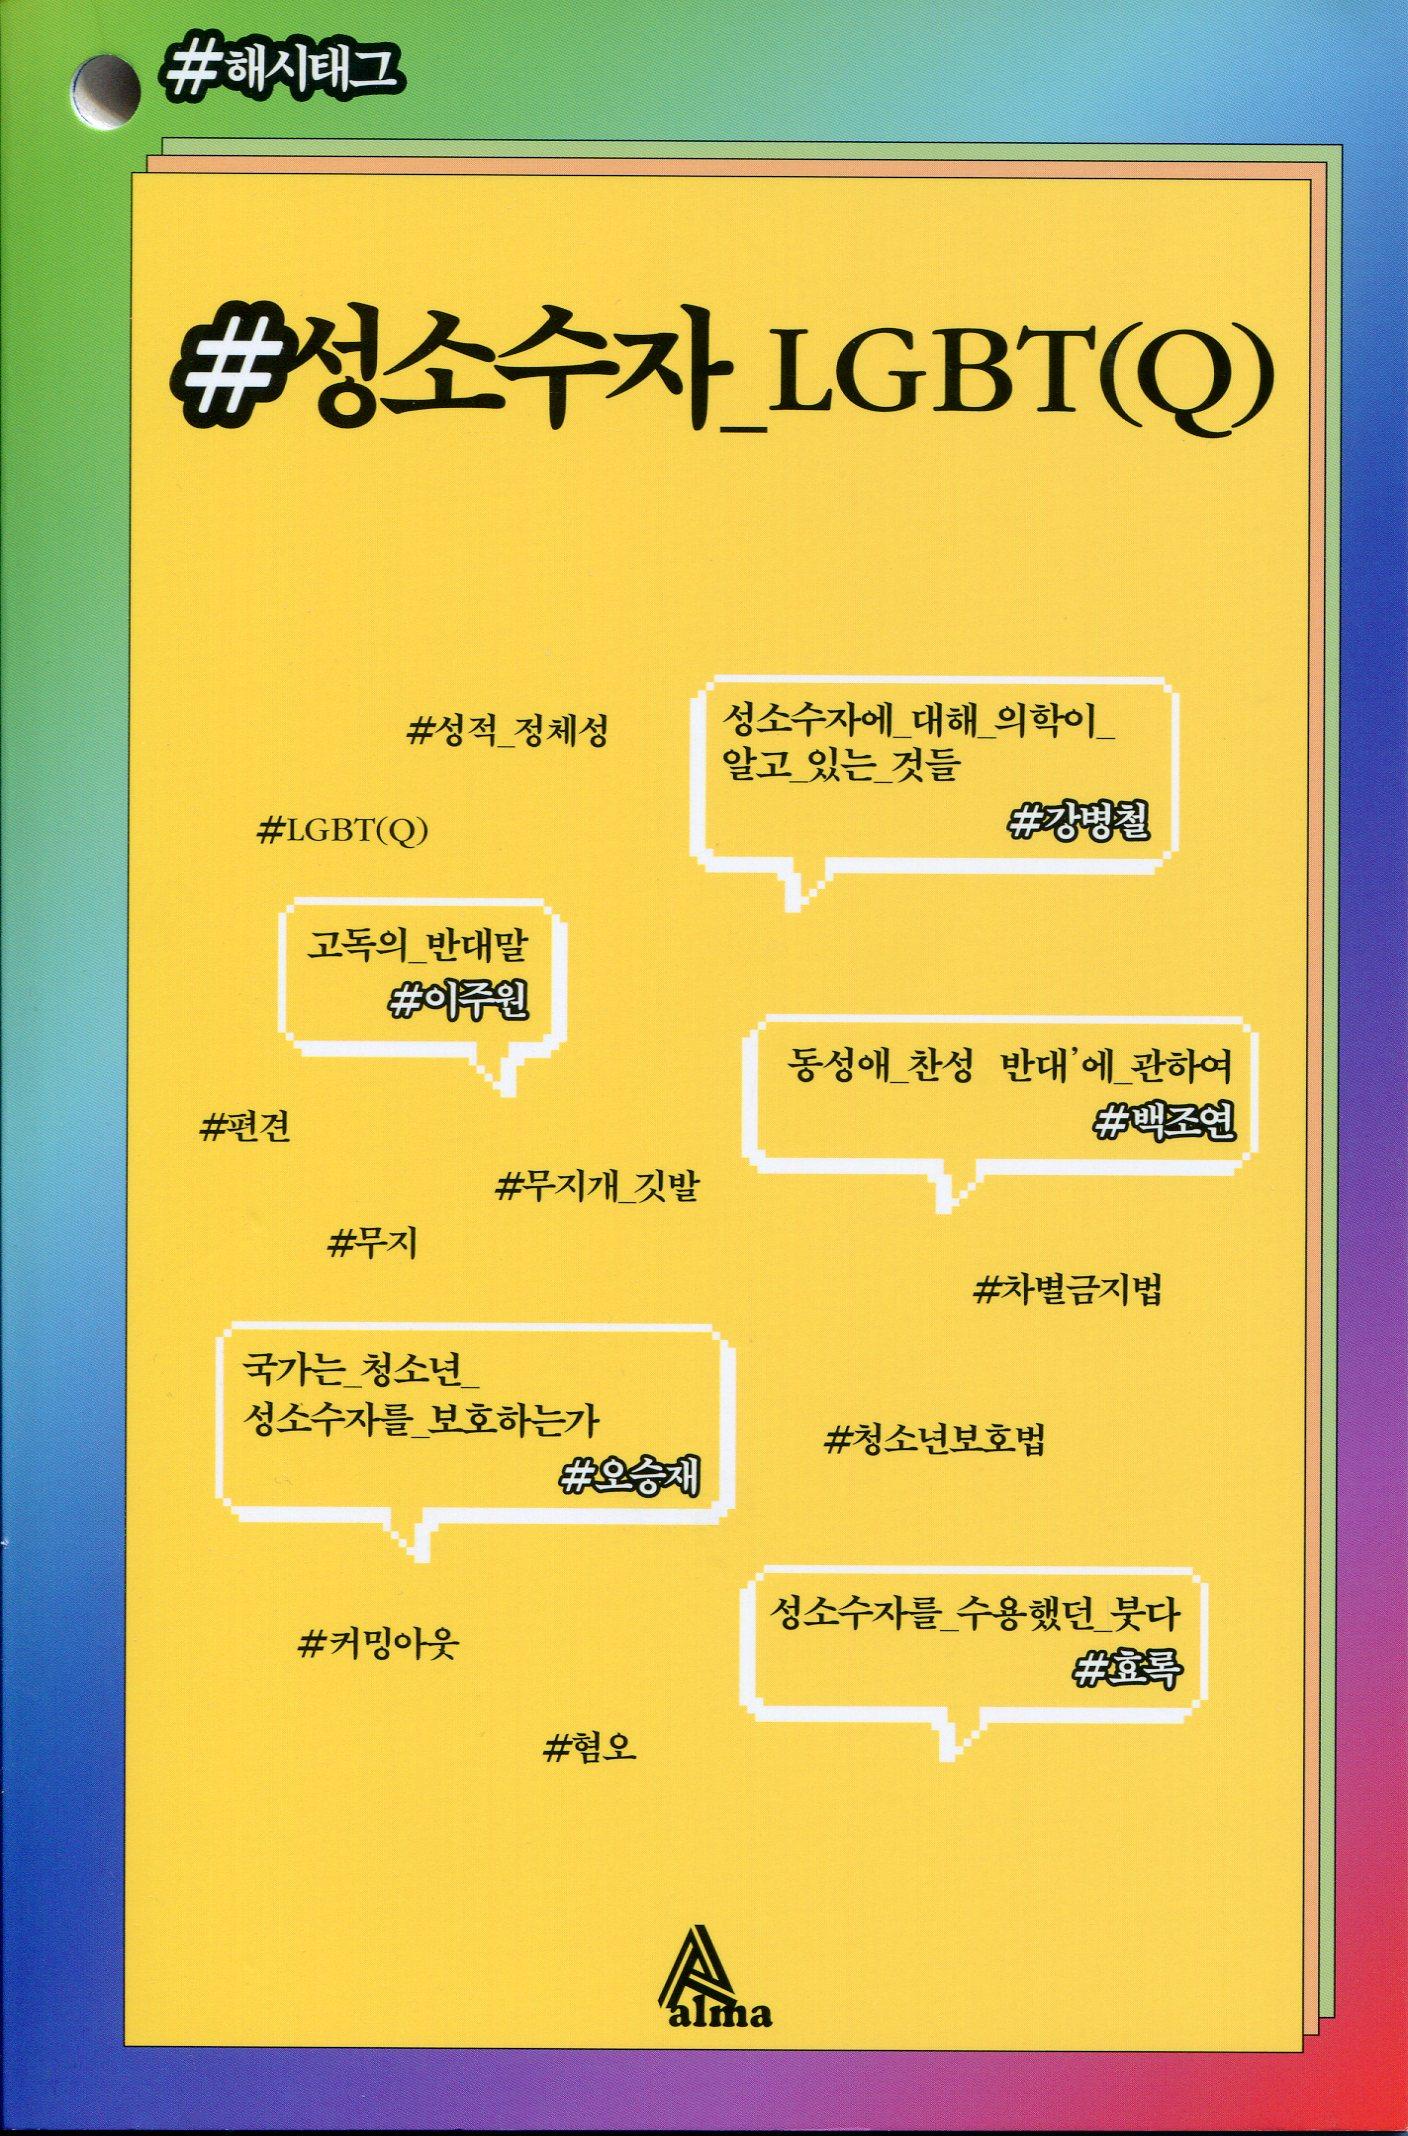 #성소수자_LGBT(Q)